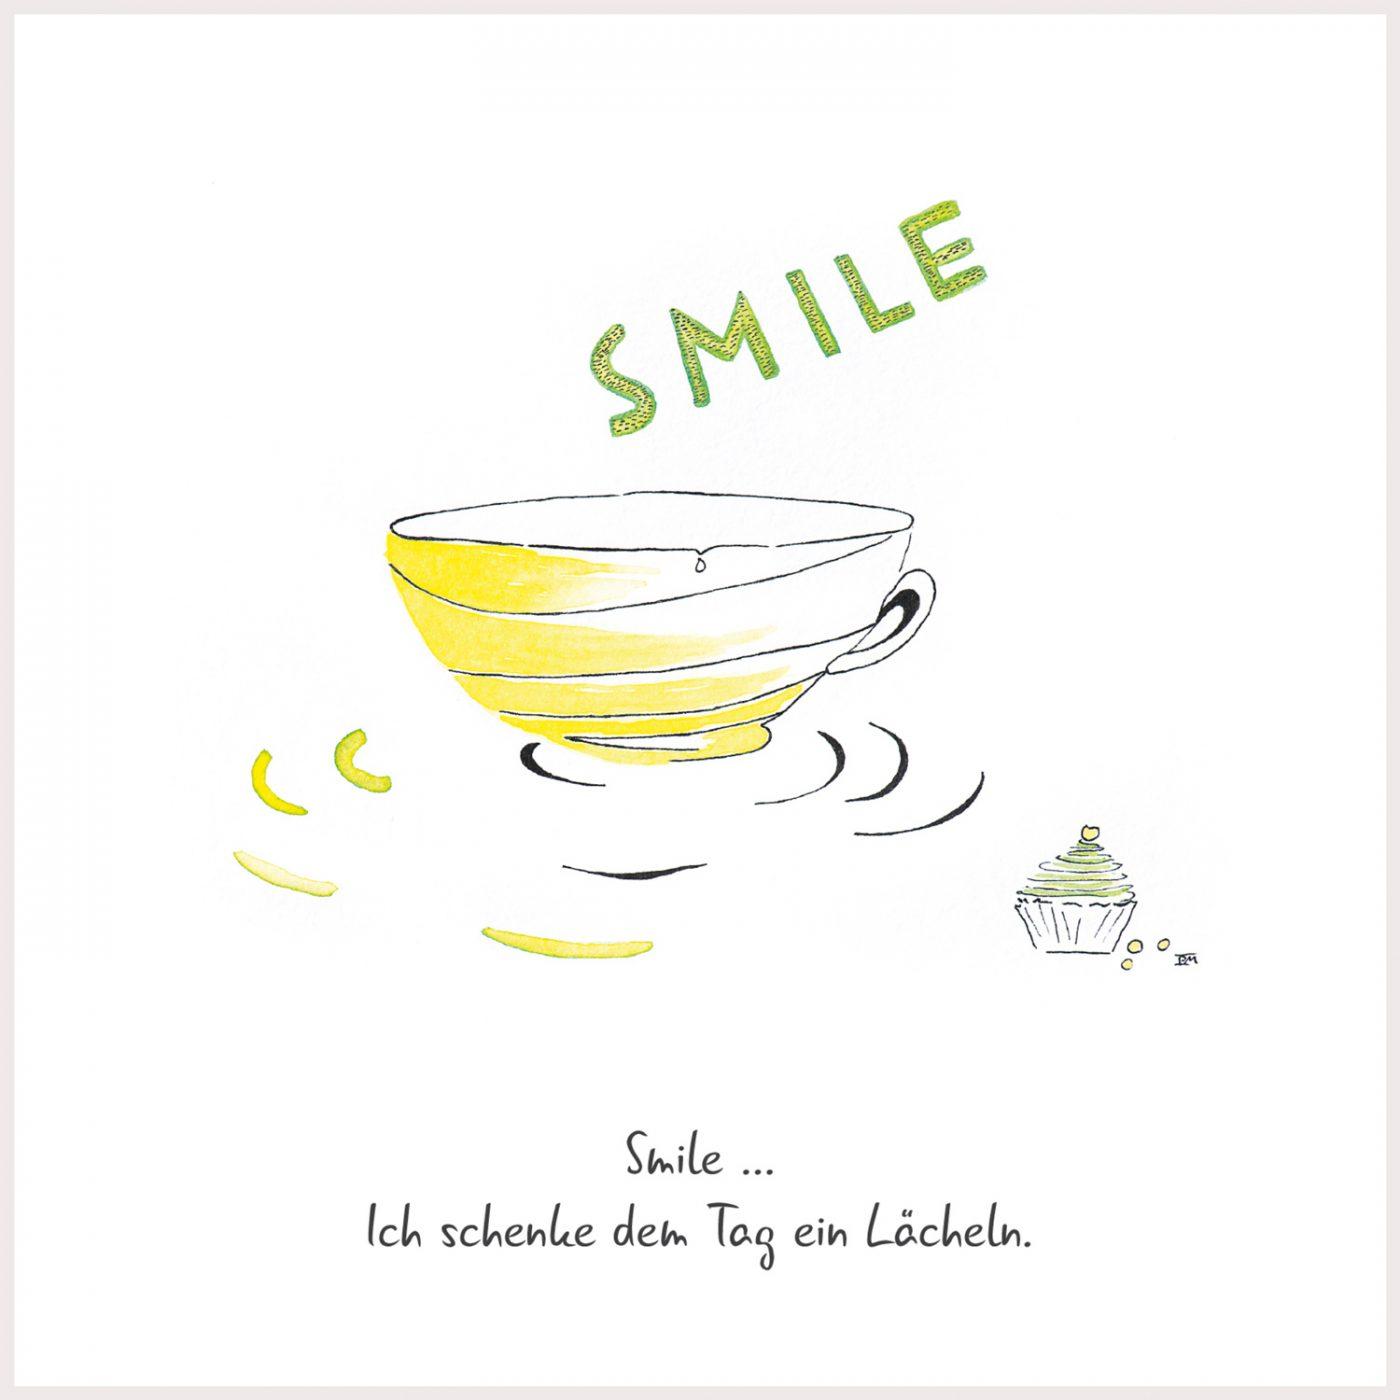 Billett SMILE